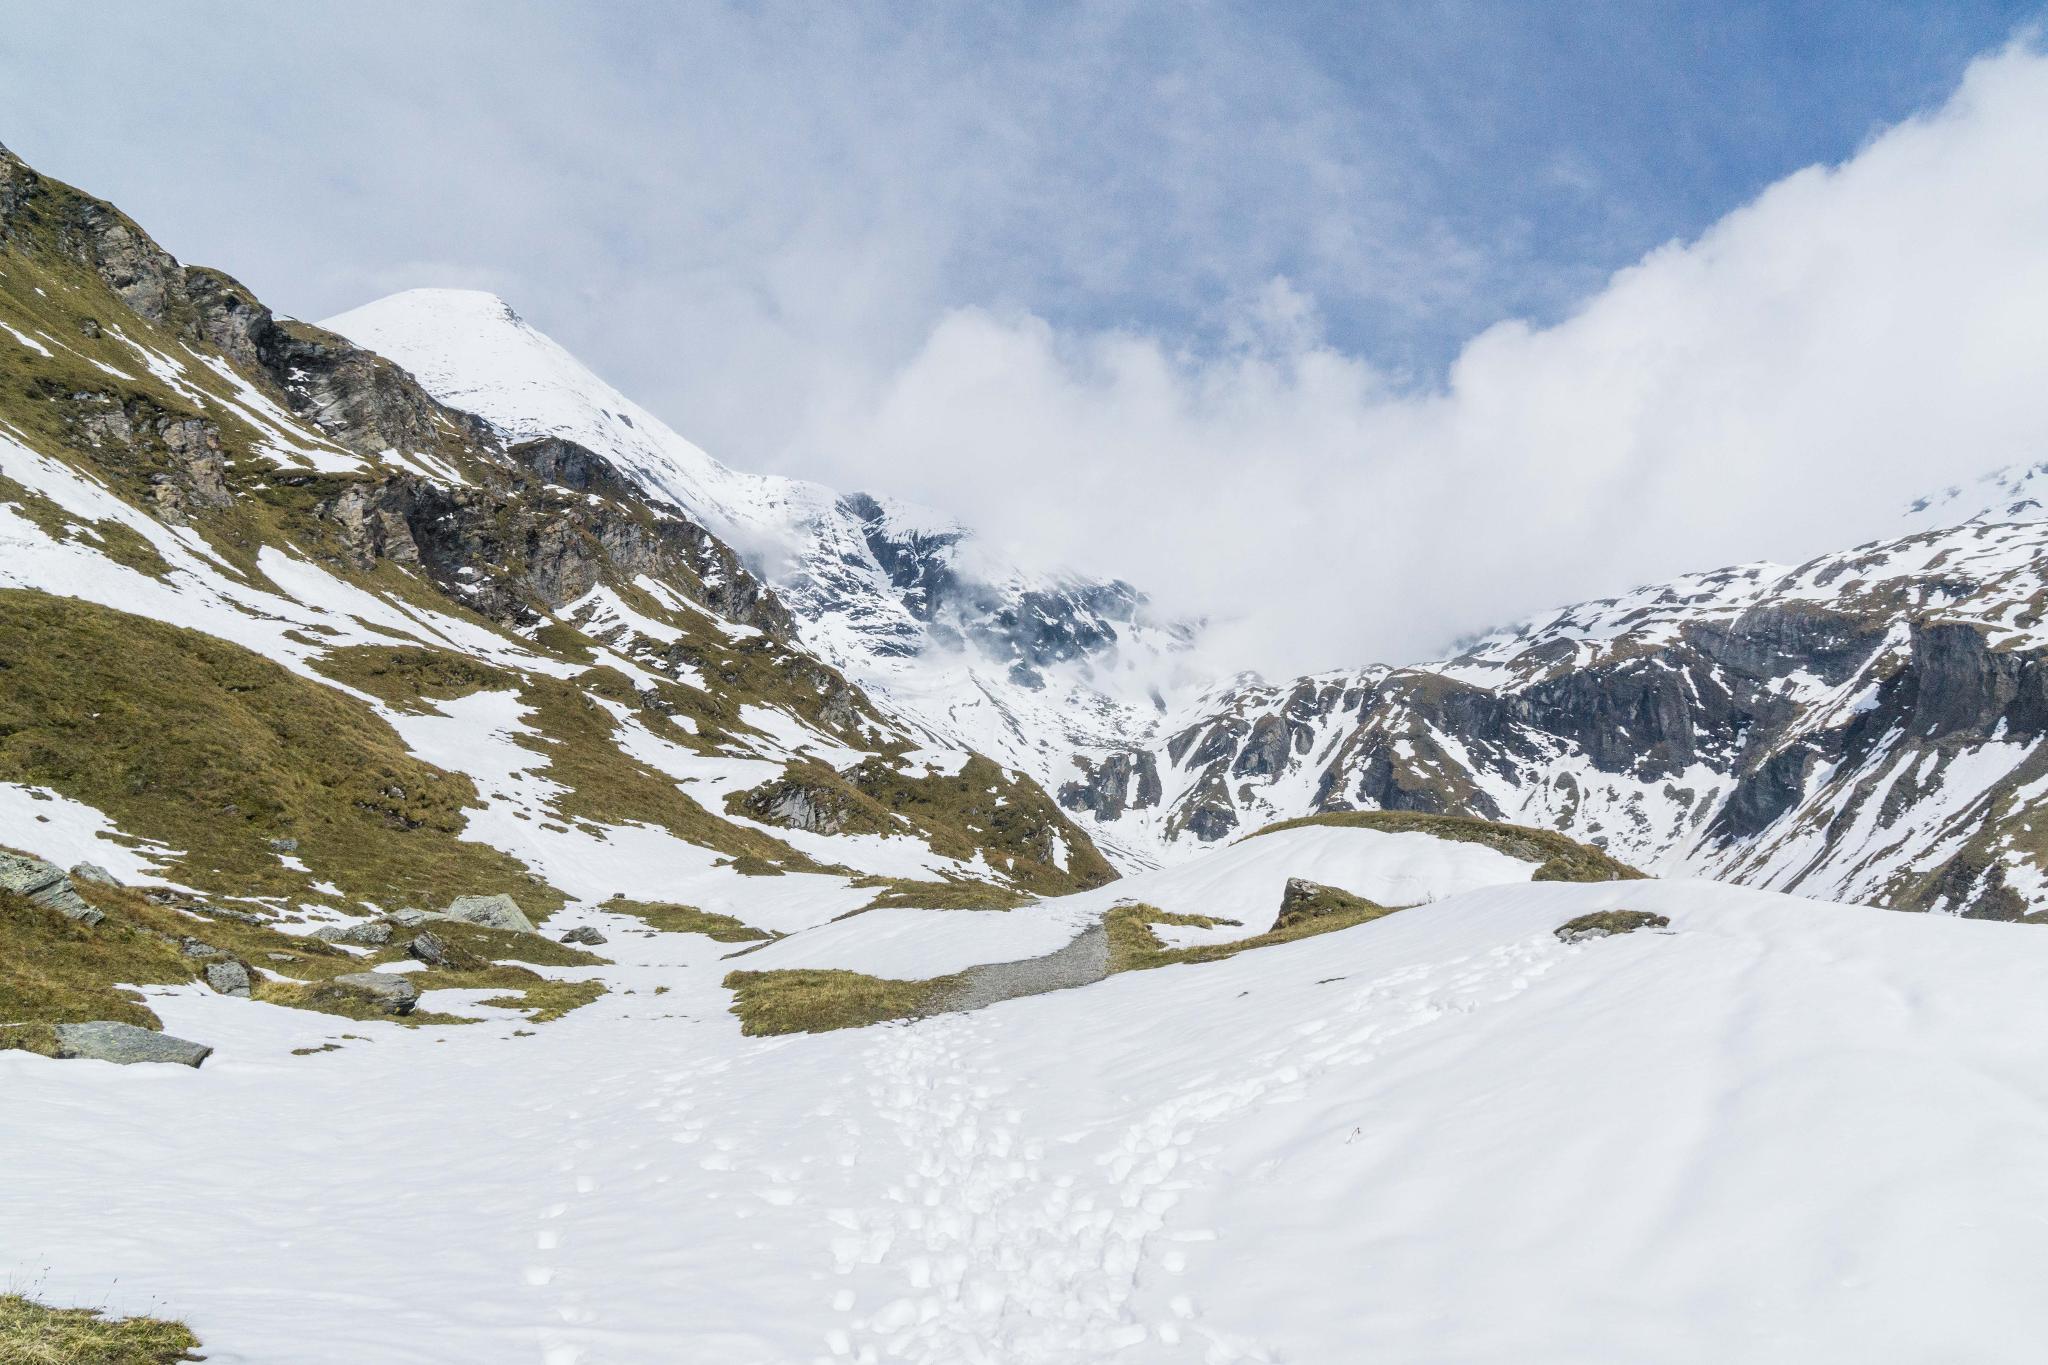 【奧地利】穿越阿爾卑斯之巔 — 奧地利大鐘山冰河公路 (Grossglockner High Alpine Road) 26